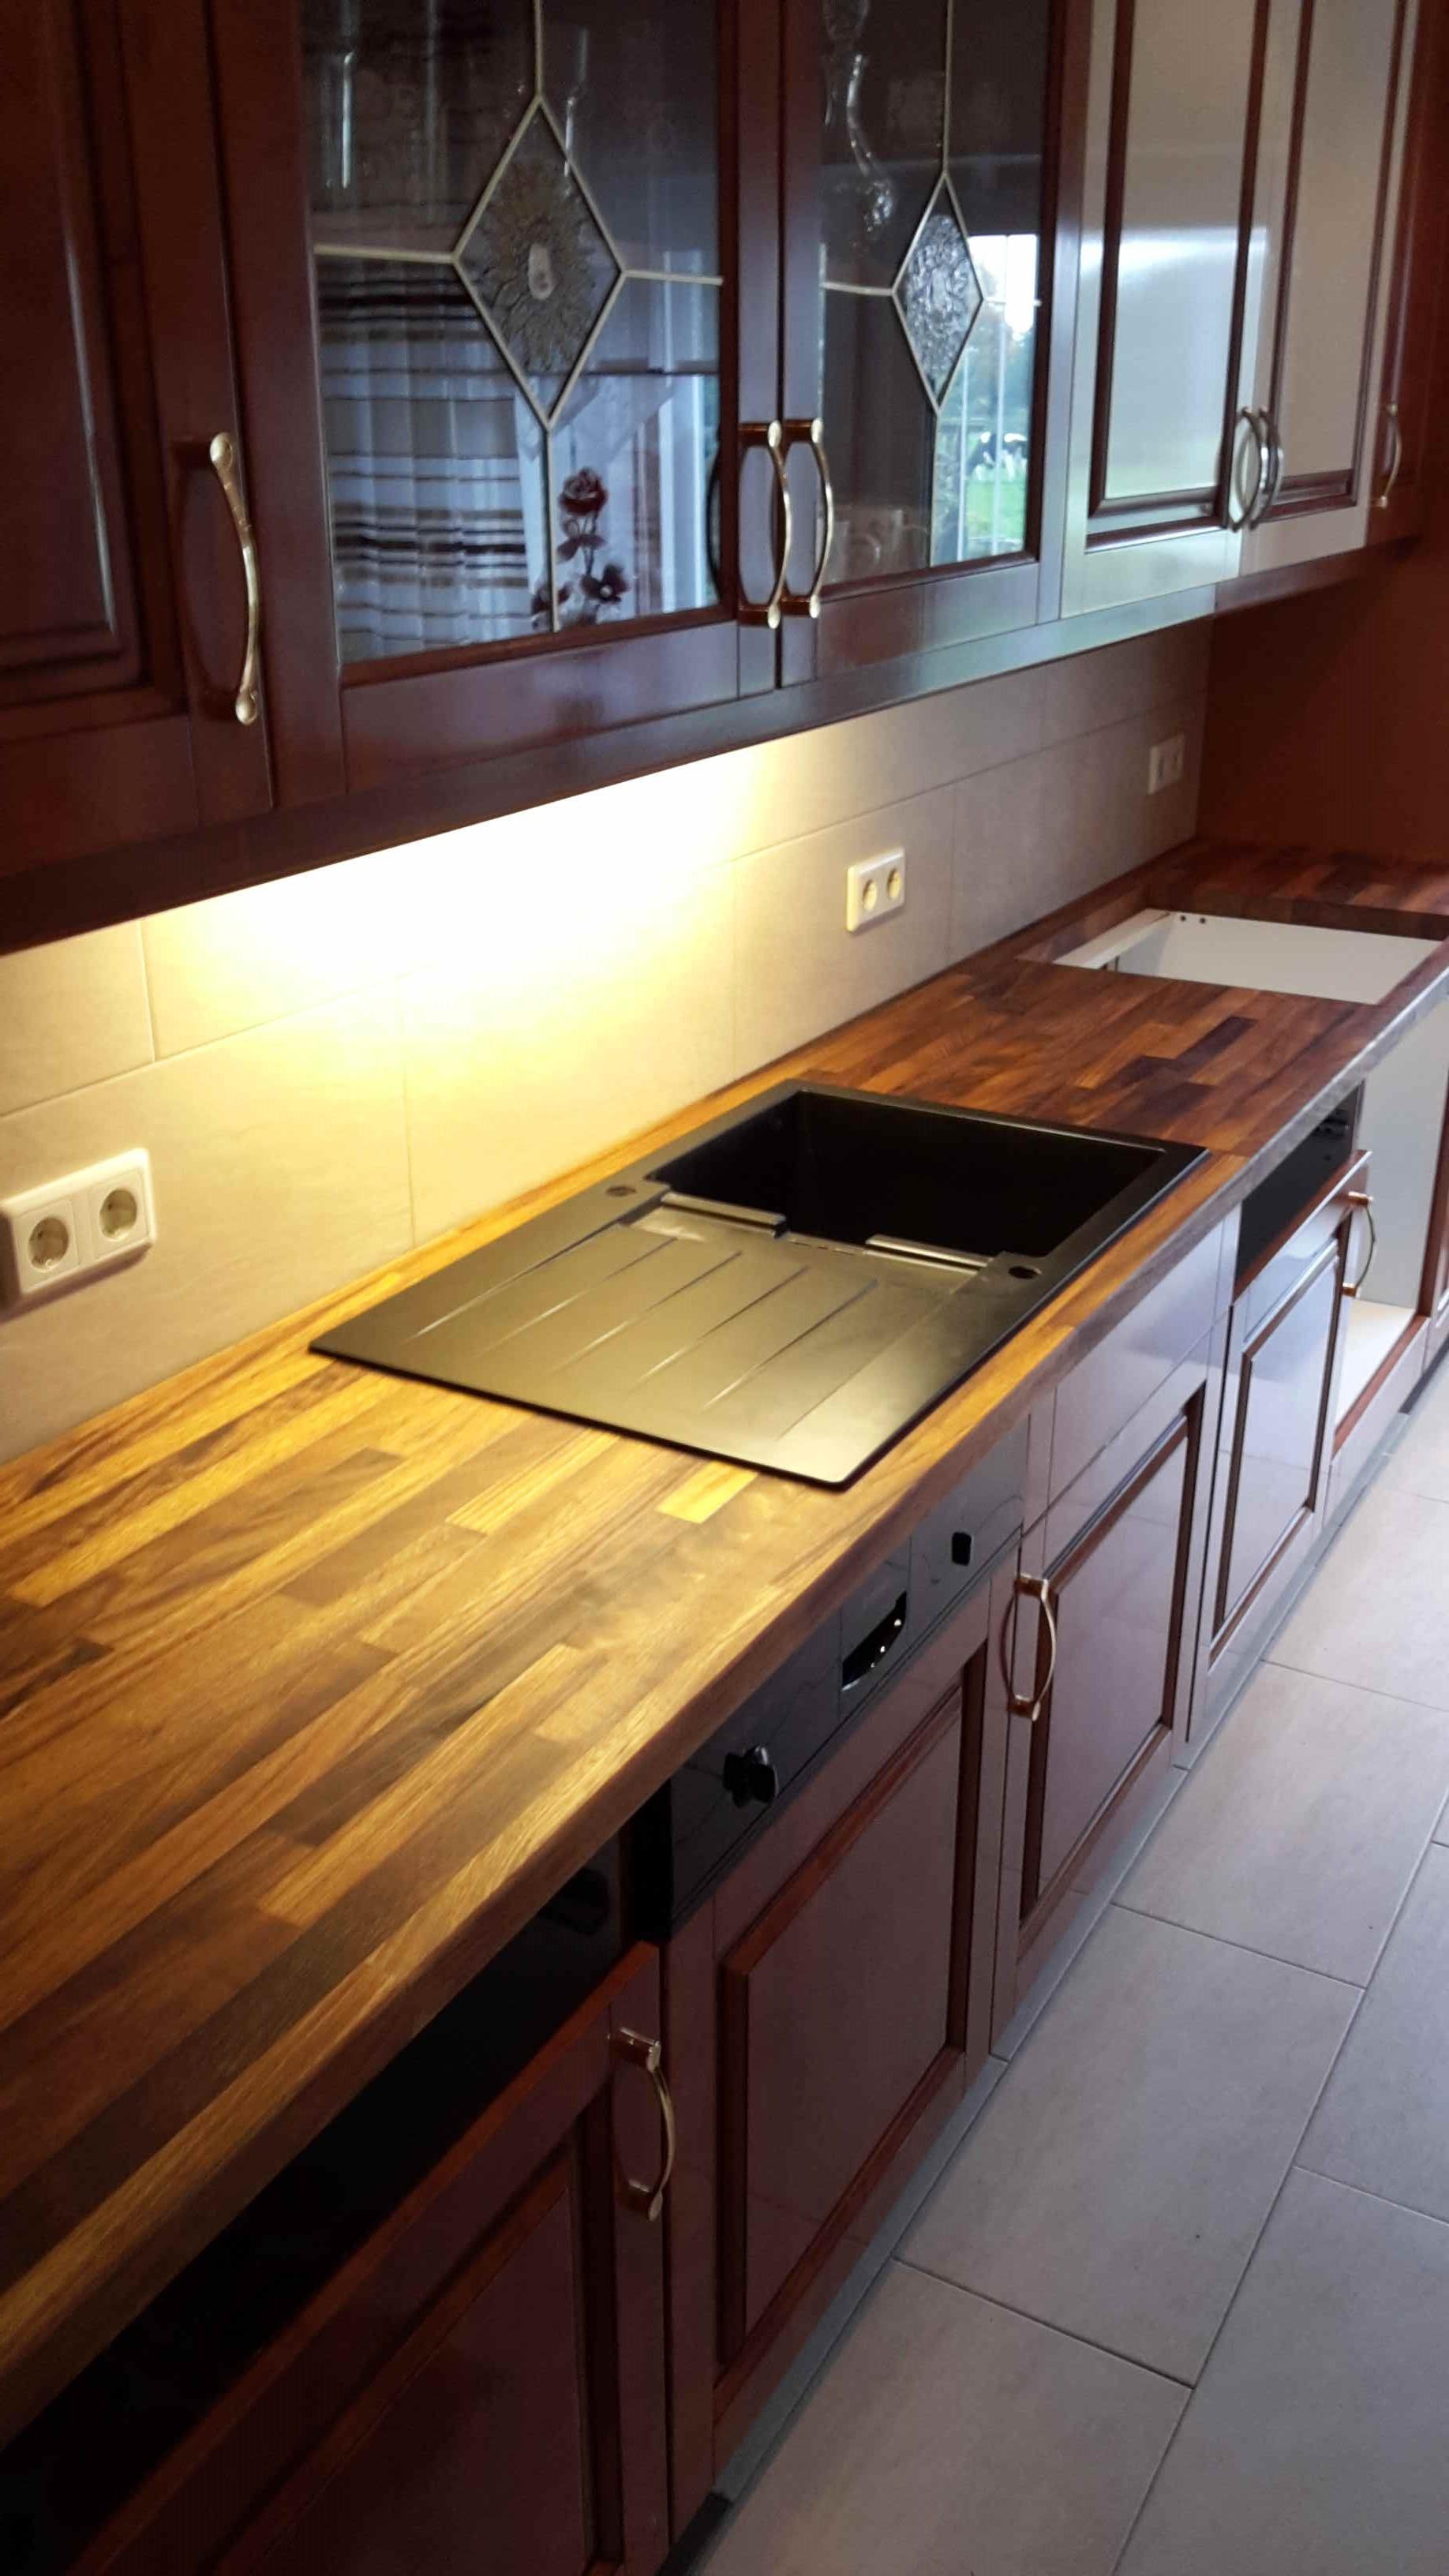 Abschluss Arbeitsplatte Küche   Abschluss Arbeitsplatte Kuche Abschlussleiste Arbeitsplatte Kuche